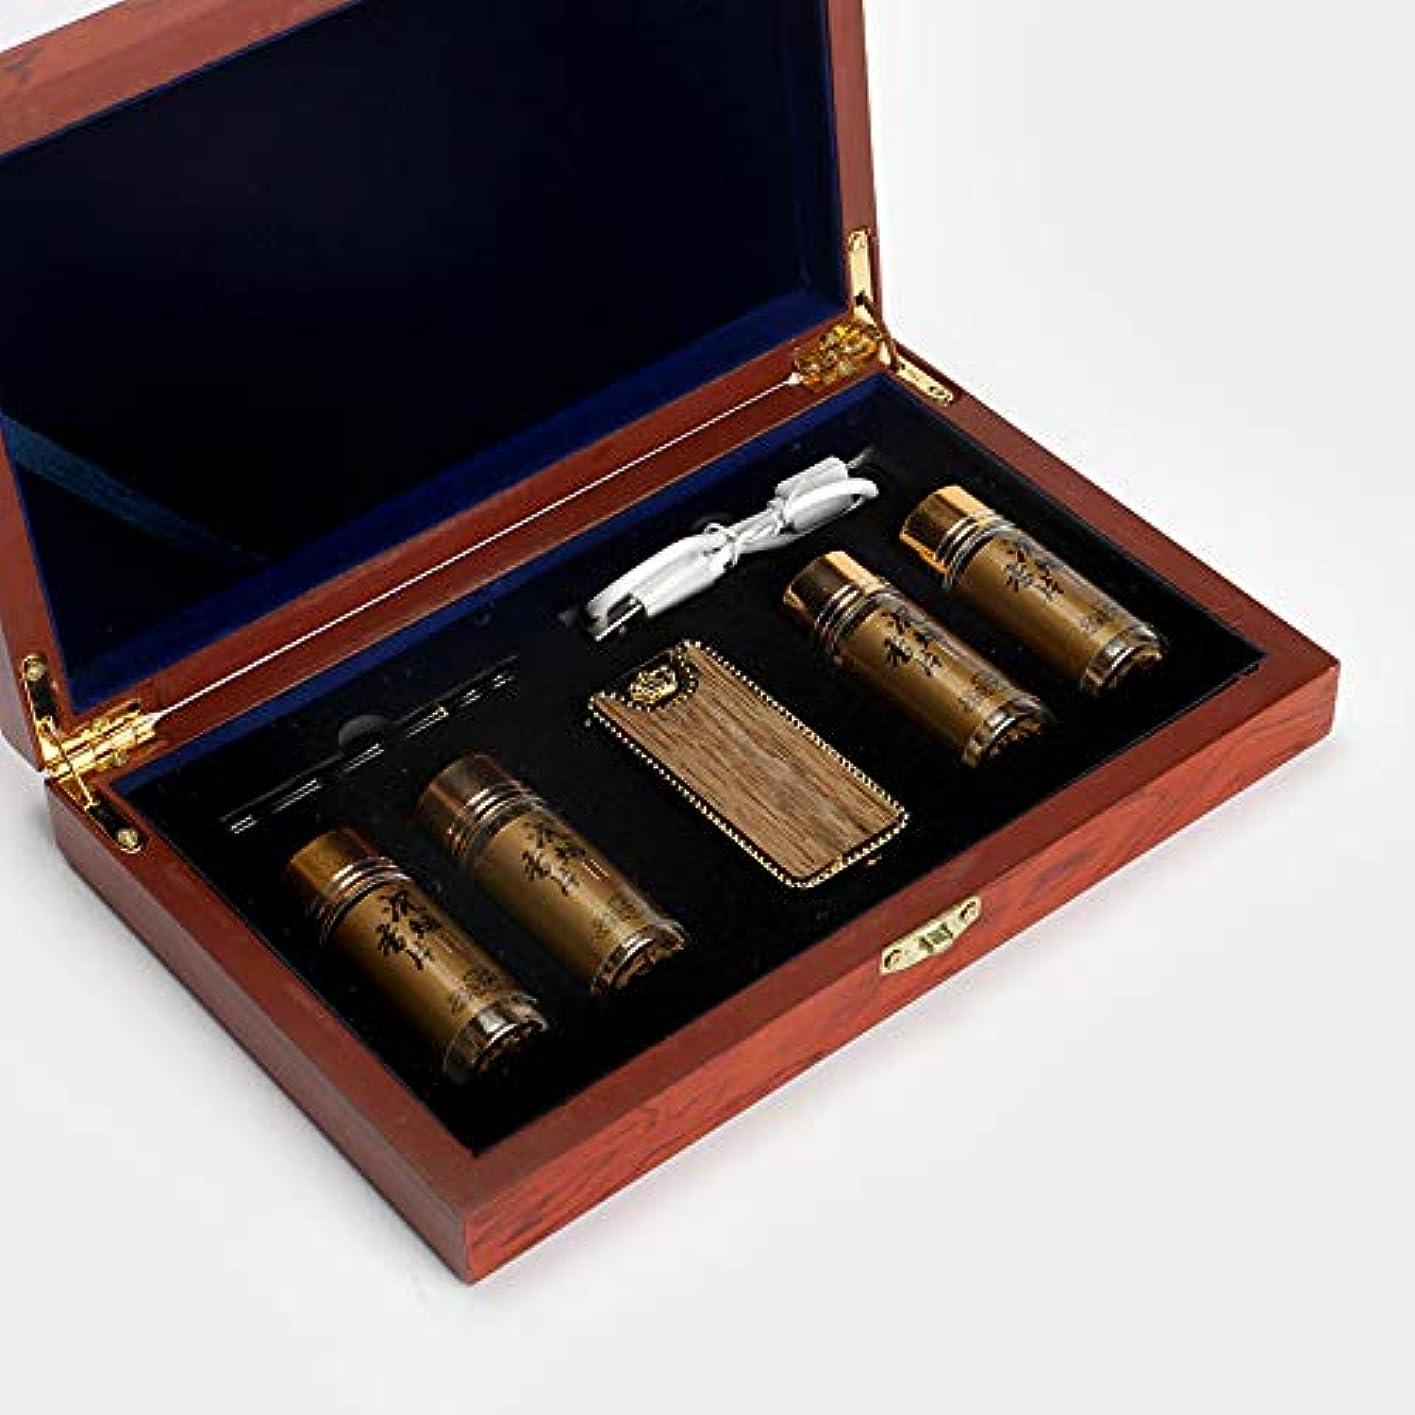 評論家叱るうねるDiatems - 五郎クラフトベトナムニャチャンシェンタバコの煙を挿入ギフトボックスShenxiang錠4本のボトル包装